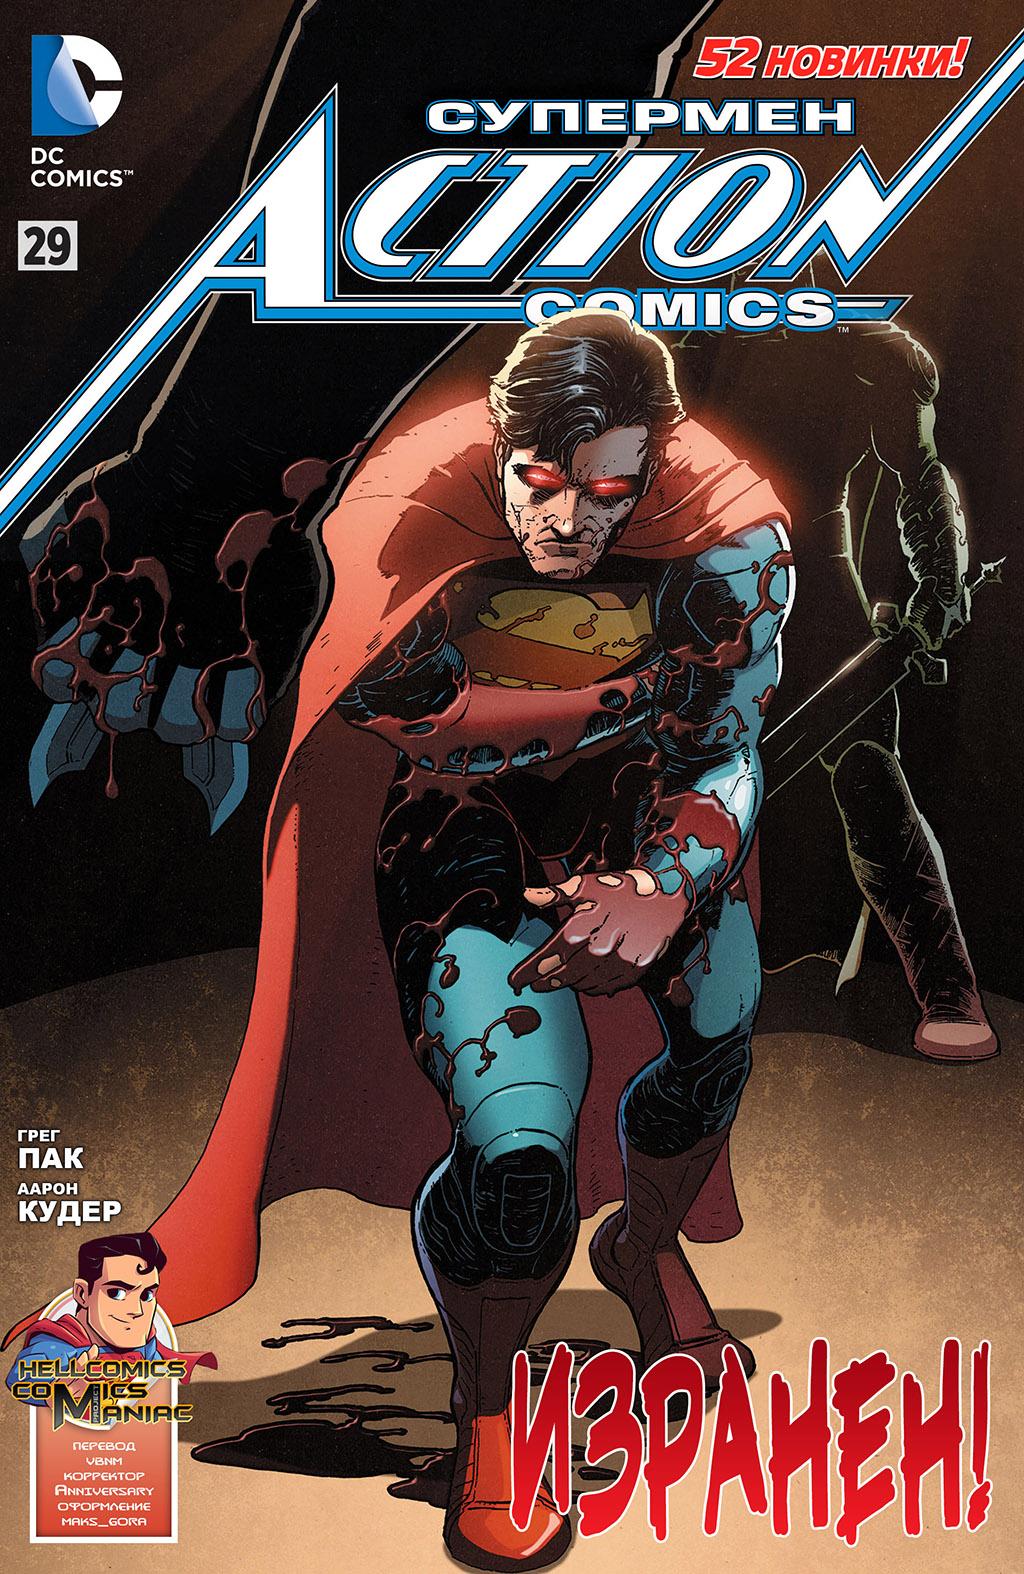 комикс Супермен: Боевые Комиксы том 2